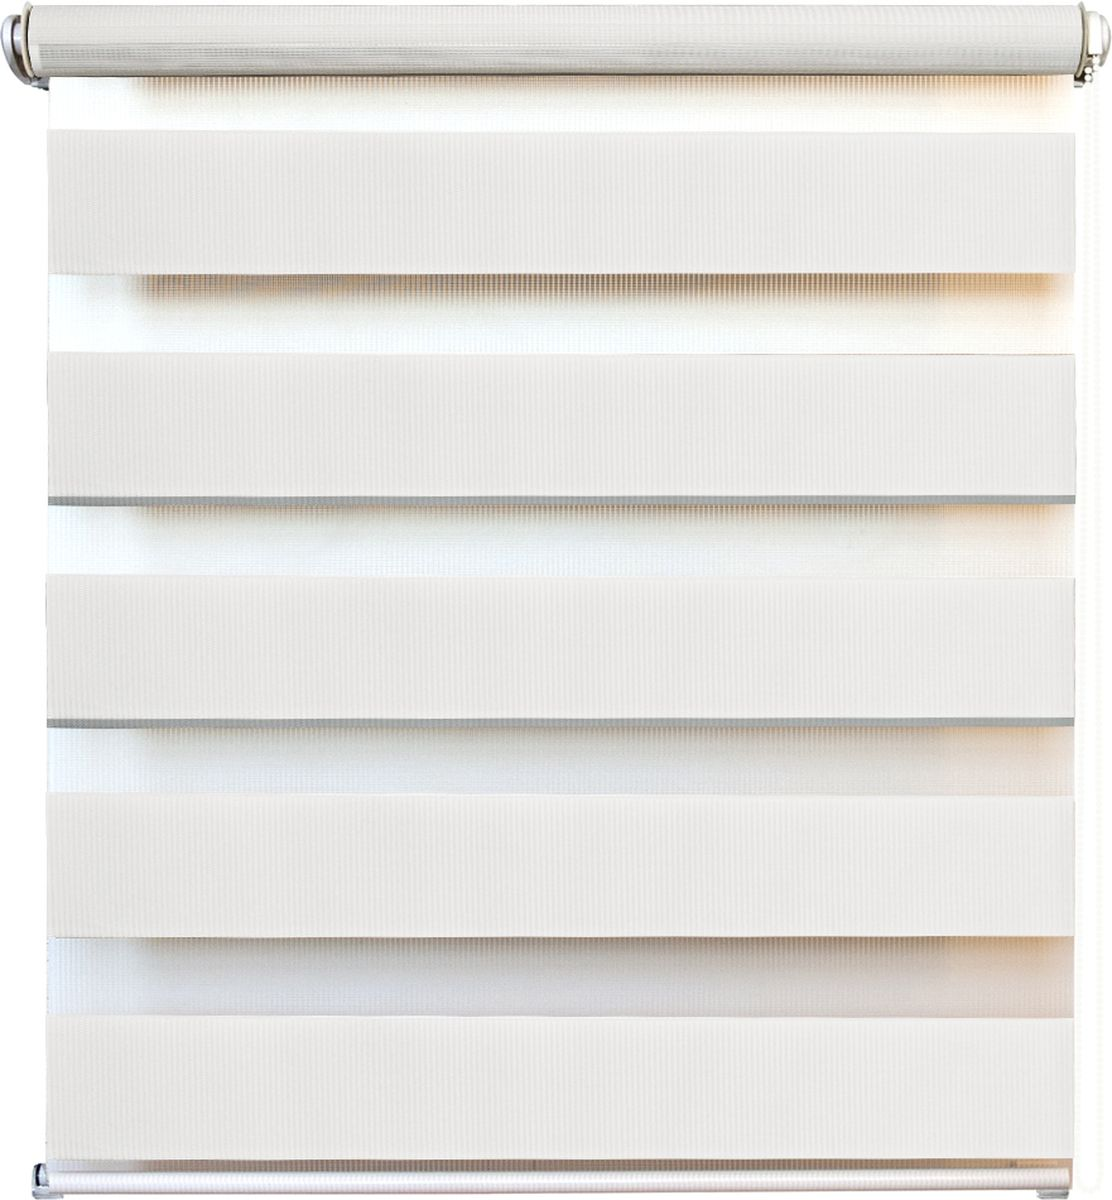 Штора рулонная день/ночь Уют Канзас, цвет: белый, 100 х 160 см62.РШТО.8920.100х160Штора рулонная день/ночь Уют Канзас выполнена из прочного полиэстера, в котором чередуются полосы различной плотности и фактуры. Управление двойным слоем ткани с помощью цепочки позволяет регулировать степень светопроницаемости шторы. Если совпали плотные полосы, то прозрачные будут открыты максимально. Это положение шторы называется День. Максимальное затемнение помещения достигается при полном совпадении полос разных фактур. Это положение шторы называется Ночь. Конструкция шторы также позволяет полностью свернуть полотно, обеспечив максимальное открытие окна. Рулонная штора - это разновидность штор, которая закрывает не весь оконный проем, а непосредственно само стекло. Такая штора очень компактна, что помогает сэкономить пространство. Универсальная конструкция позволяет монтировать штору на стену, потолок, деревянные или пластиковые рамы окон. В комплект входят кронштейны и нижний утяжелитель. Возможна установка с управлением цепочкой как справа, так и слева. Такая штора станет прекрасным элементом декора окна и гармонично впишется в интерьер любого помещения. Классический дизайн подойдет для гостиной, спальни, кухни, кабинета или офиса.